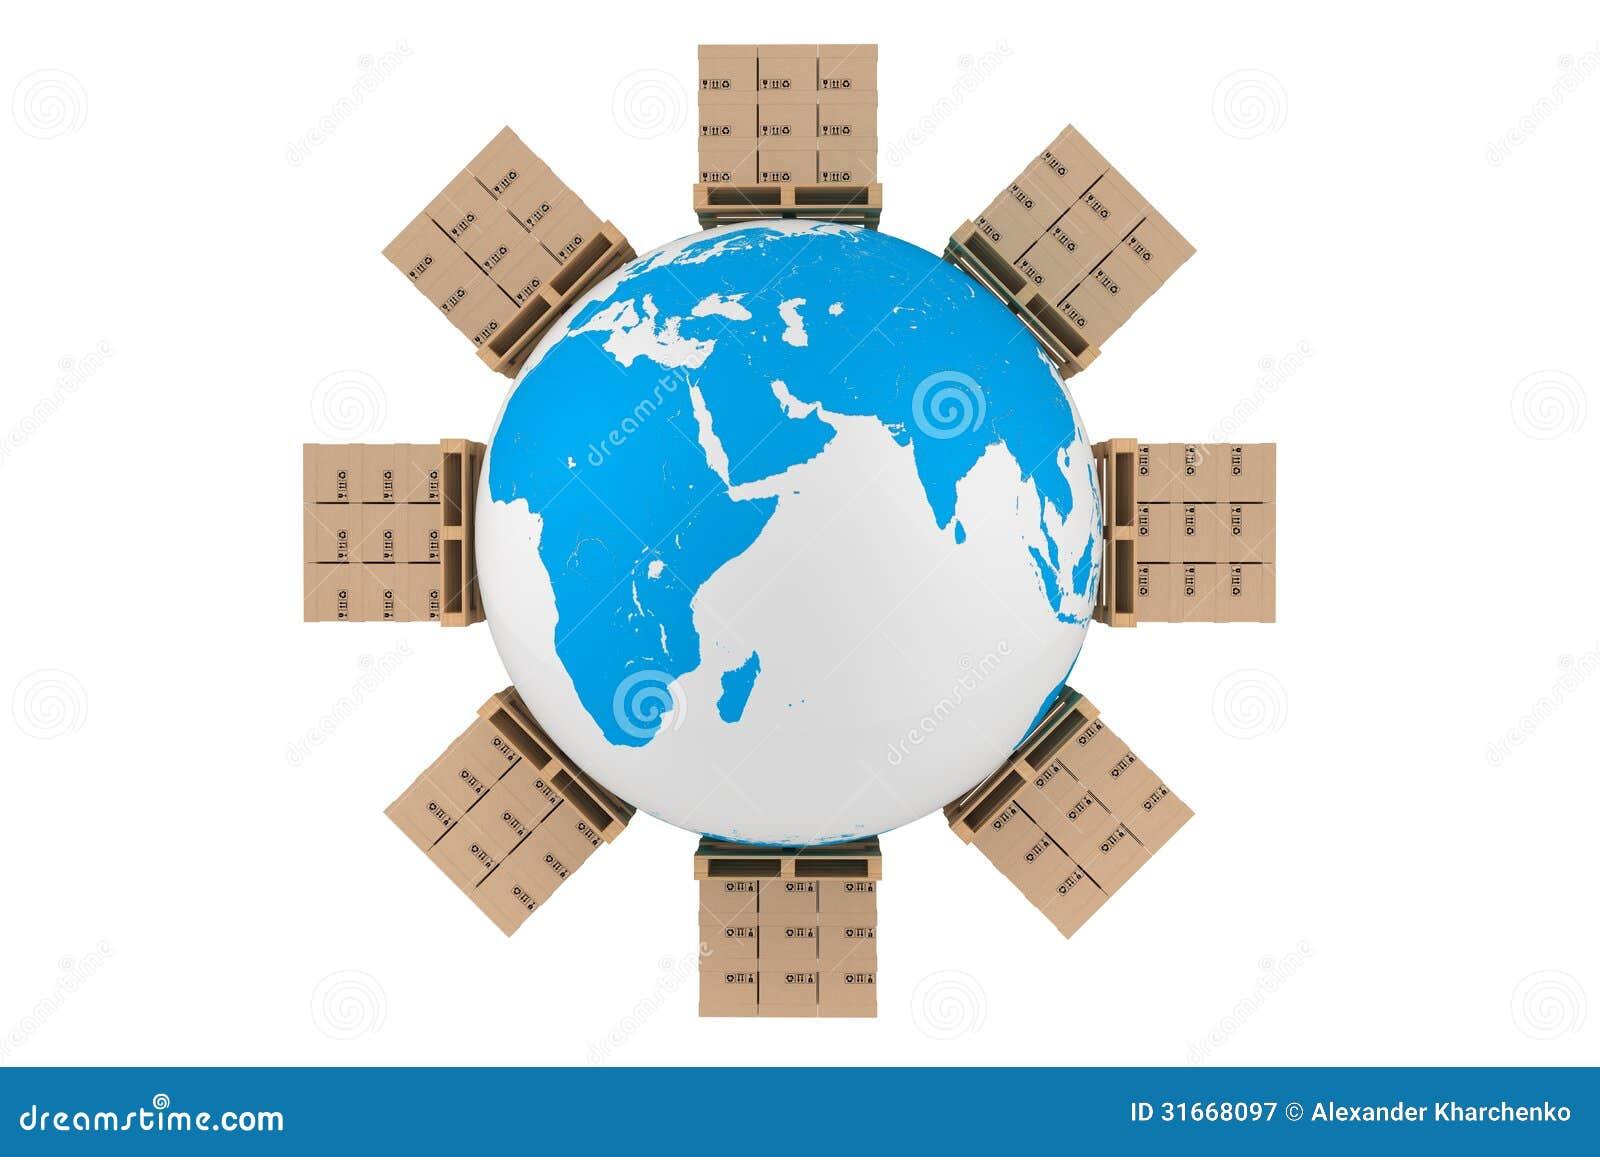 Cajas de cartón en todo el mundo